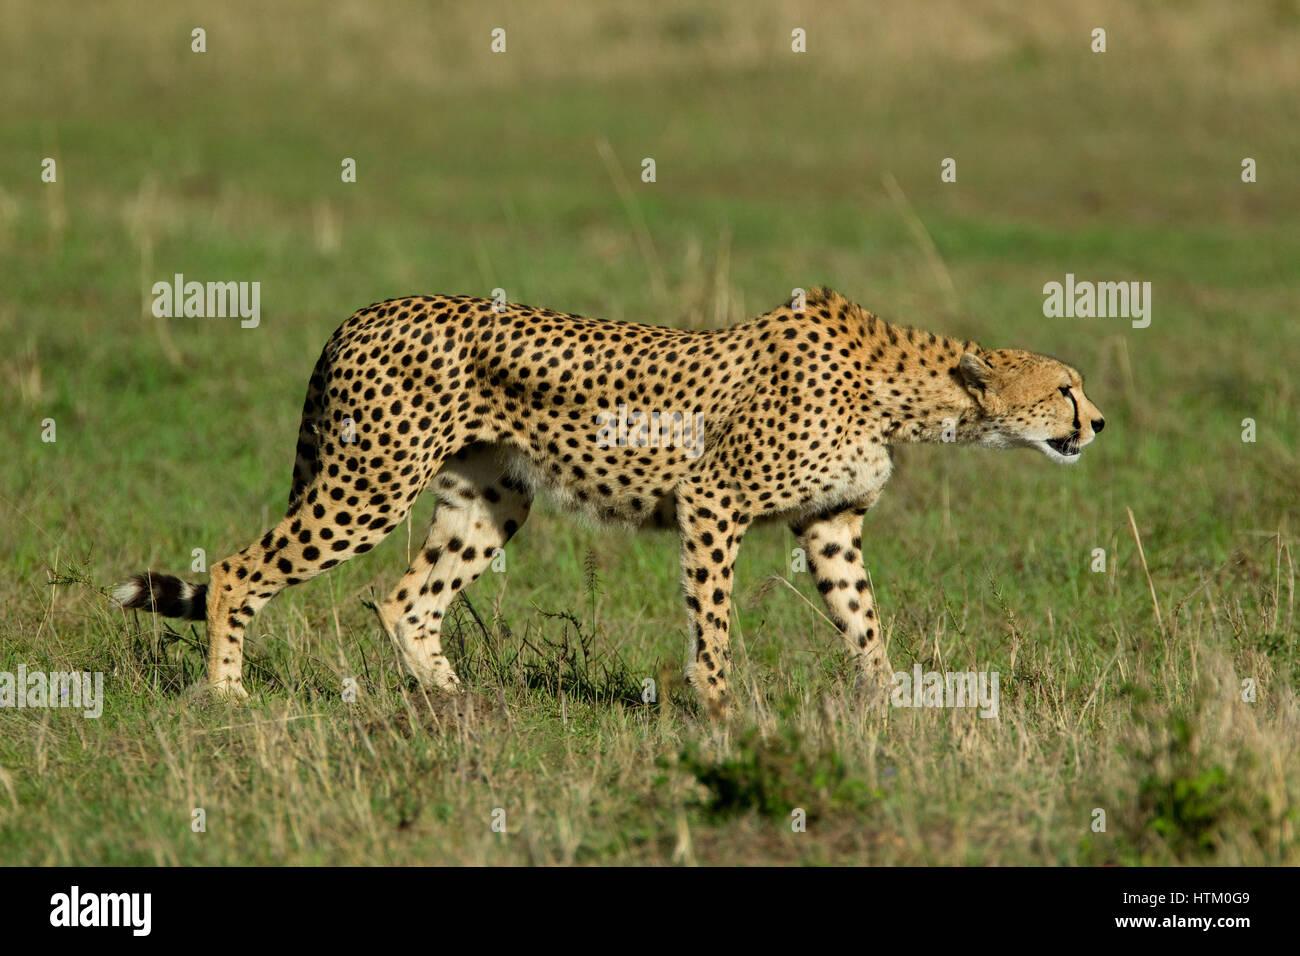 Le Guépard (Acinonyx jubatus) sur le vagabondage, Masai Mara National Reserve, Kenya, Afrique de l'Est Photo Stock